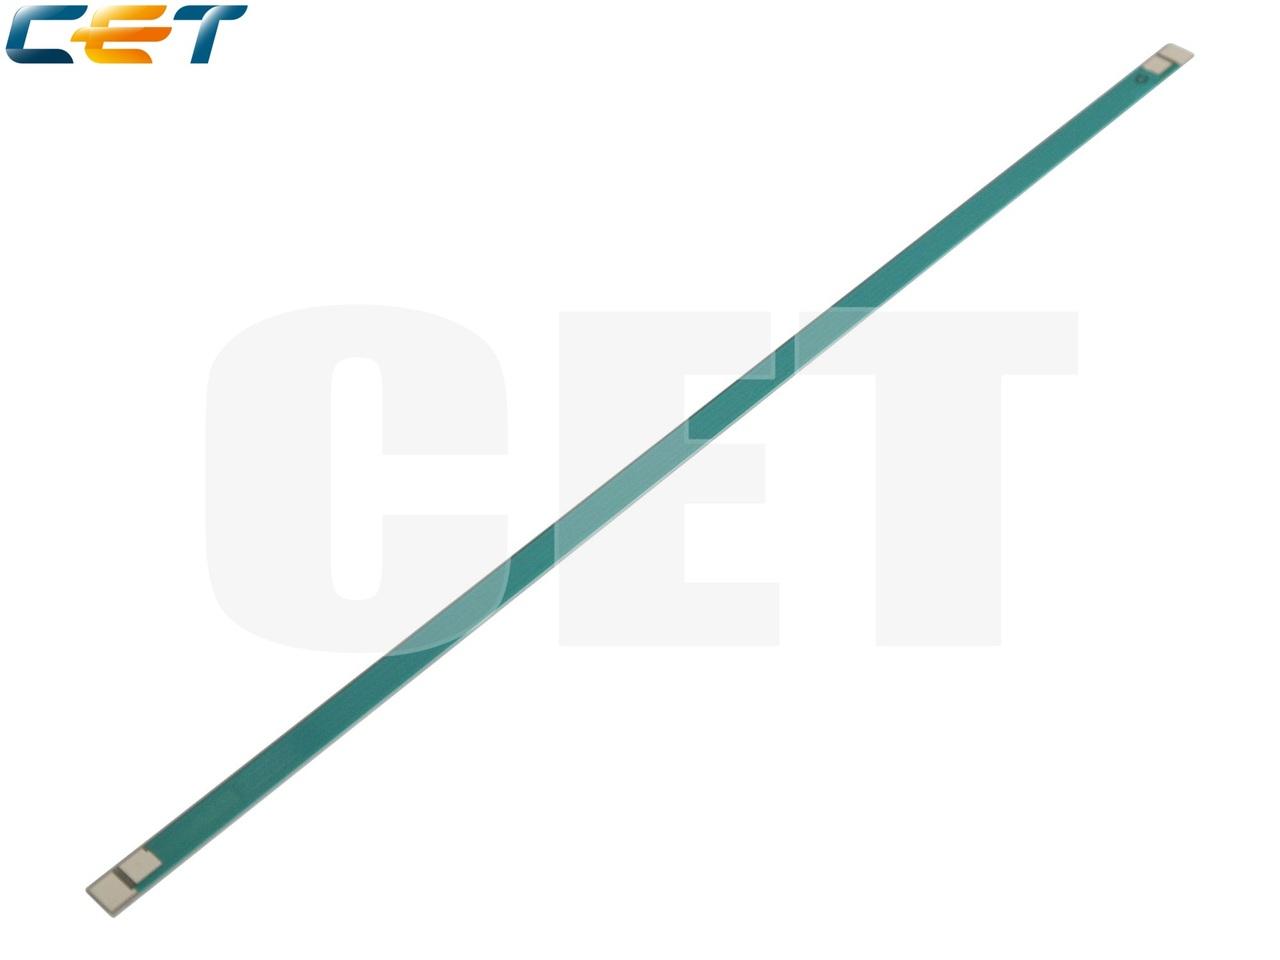 Нагревательный элемент для HP LaserJet EnterpriseM806/M830 (CET), CET2598